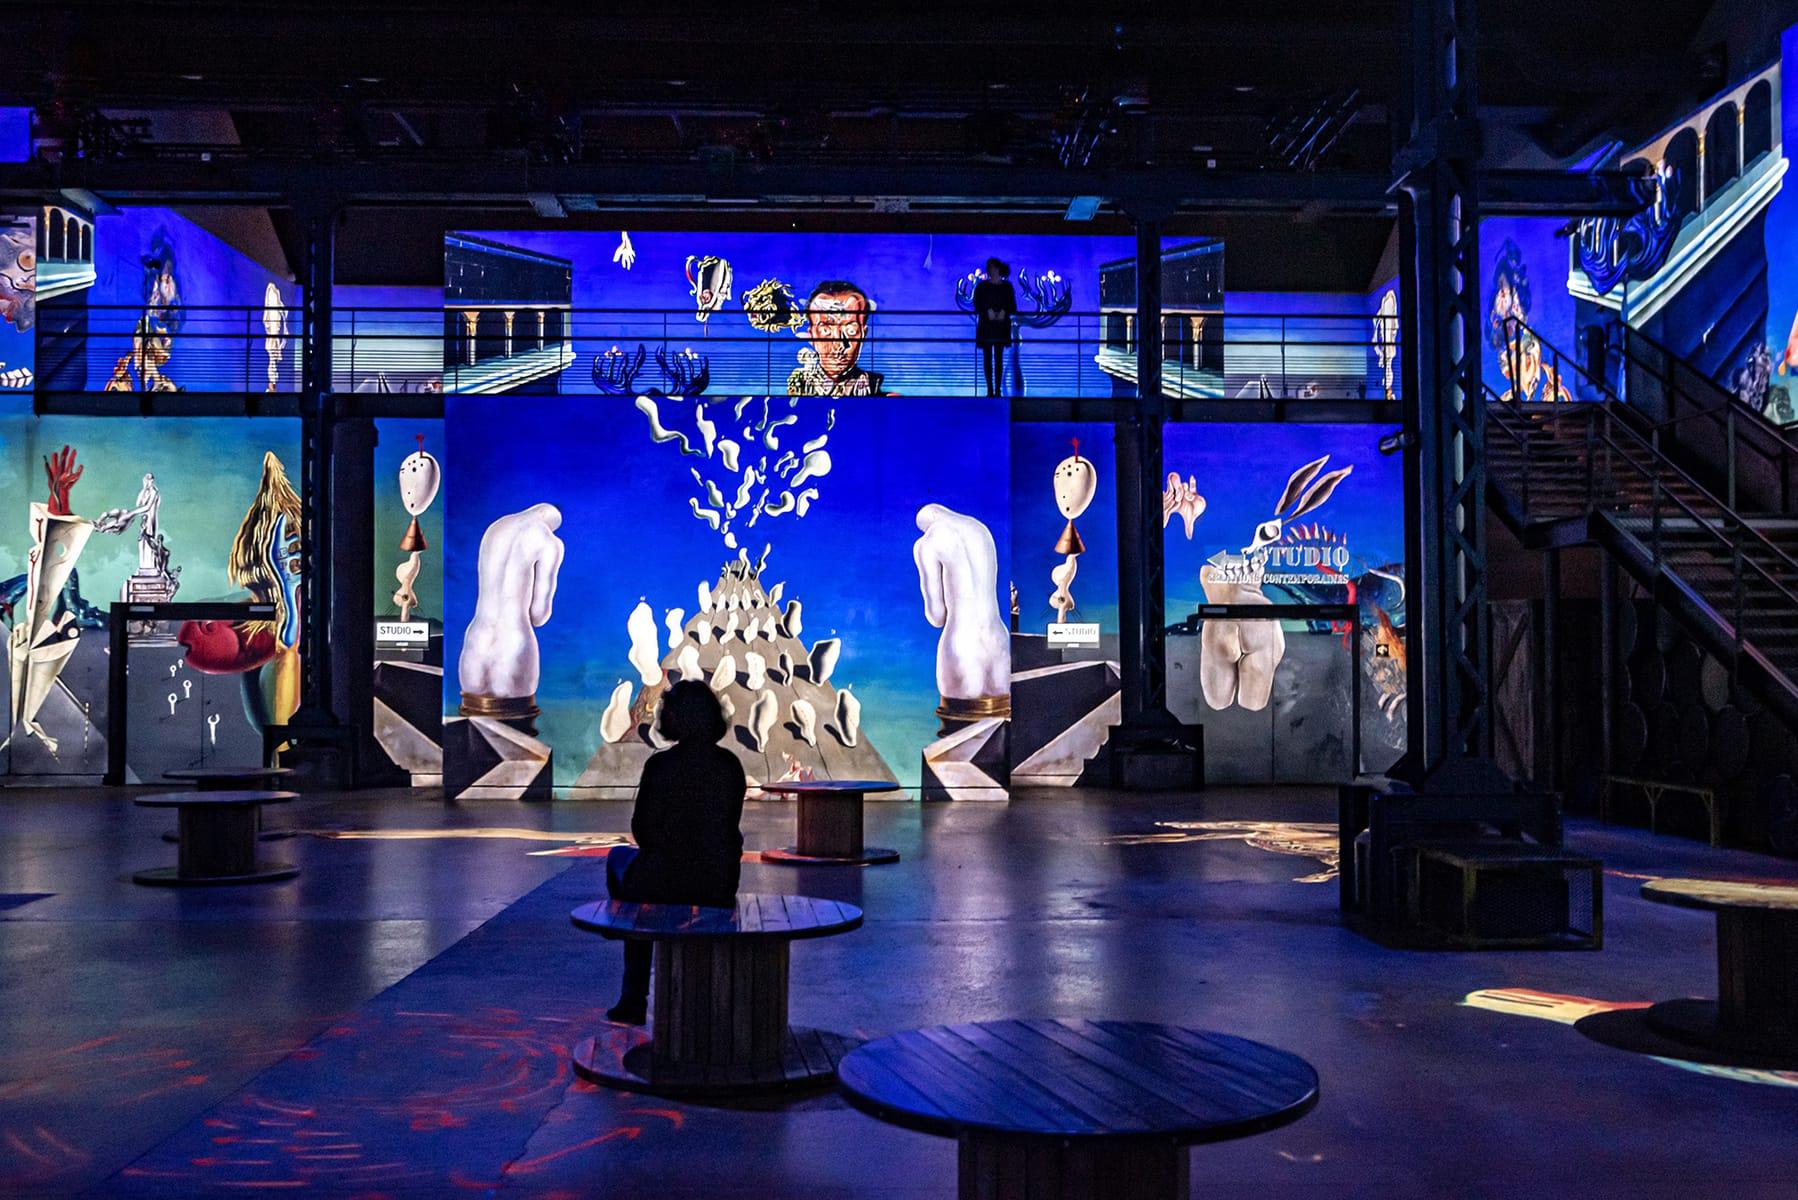 Dali-Ausstellung, Atelier Lumiere, Paris,  © Fundació Gala-Salvador Dalí, ADAGP 2021 Culturespaces / E. Spiller